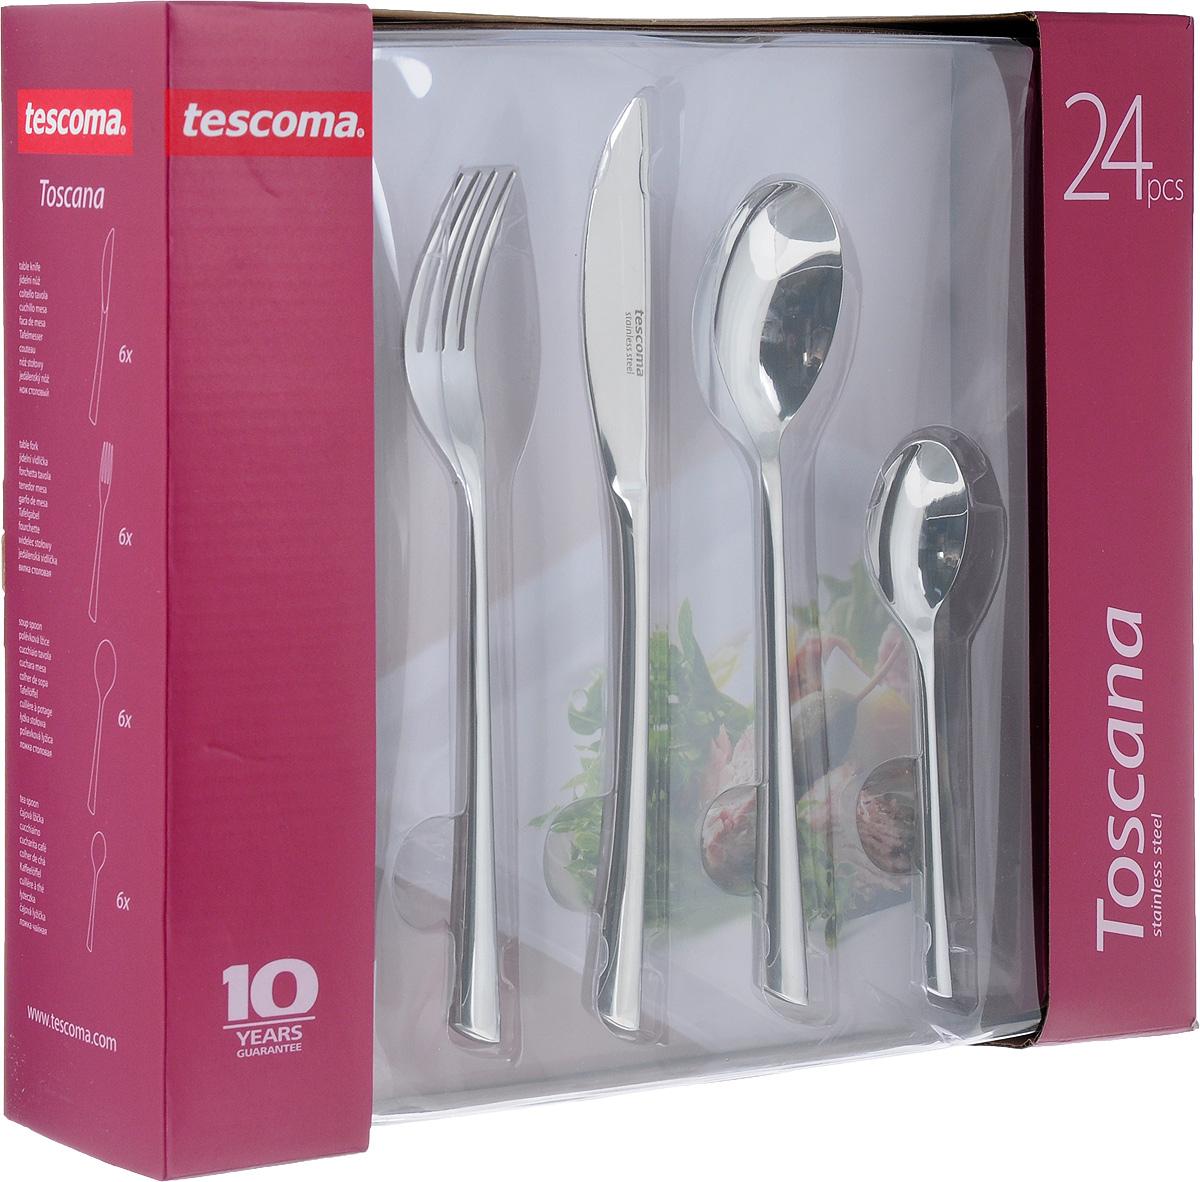 Набор столовых приборов Tescoma Toscana, 24 предмета397006Набор столовых приборов Tescoma Toscana включает 24 предмета: 6 столовых ножей, 6 столовых ложек, 6 столовых вилок и 6 чайных ложек. Приборы выполнены из прочной нержавеющей стали, которая придает столовым приборам блеск, а ножам необходимую остроту. Набор Tescoma Toscana поставляется в изящной упаковке и может служить готовым праздничным подарком! Создайте атмосферу уюта и праздника с безупречными столовыми приборами Tescoma Toscana. Изделия можно мыть в посудомоечной машине. Длина столовой ложки: 20 см. Размер рабочей части ложки: 4,5 х 6,5 см. Длина столовой вилки: 20,5 см. Размер рабочей части вилки: 2,3 х 6 см. Длина столового ножа: 22 см. Размер рабочей части ножа: 2 х 9 см. Длина чайной ложки: 13,2 см. Размер рабочей части чайной ложки: 3 х 4,5 см.